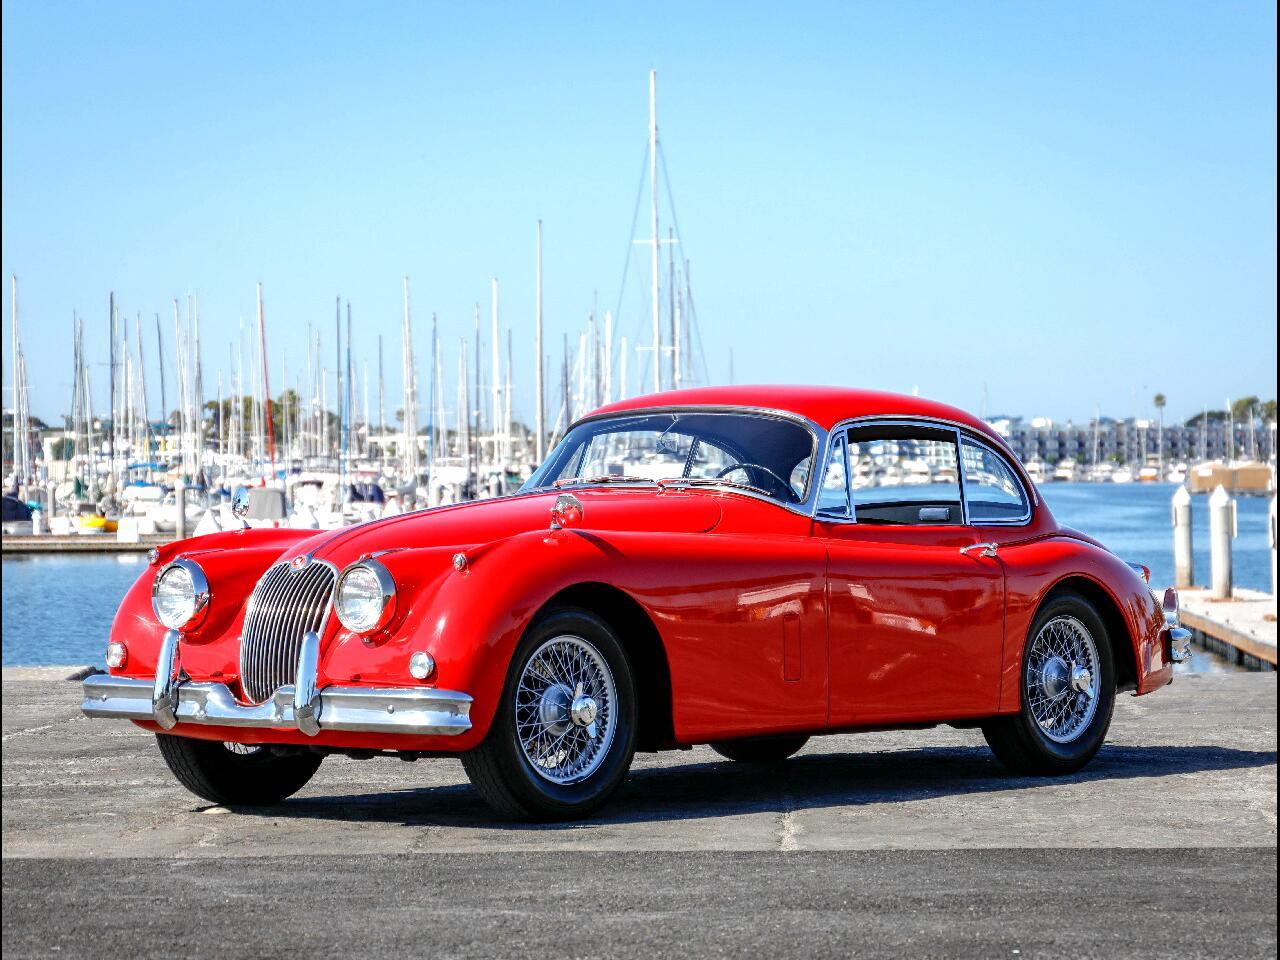 1958 Jaguar XK 150 Coupe